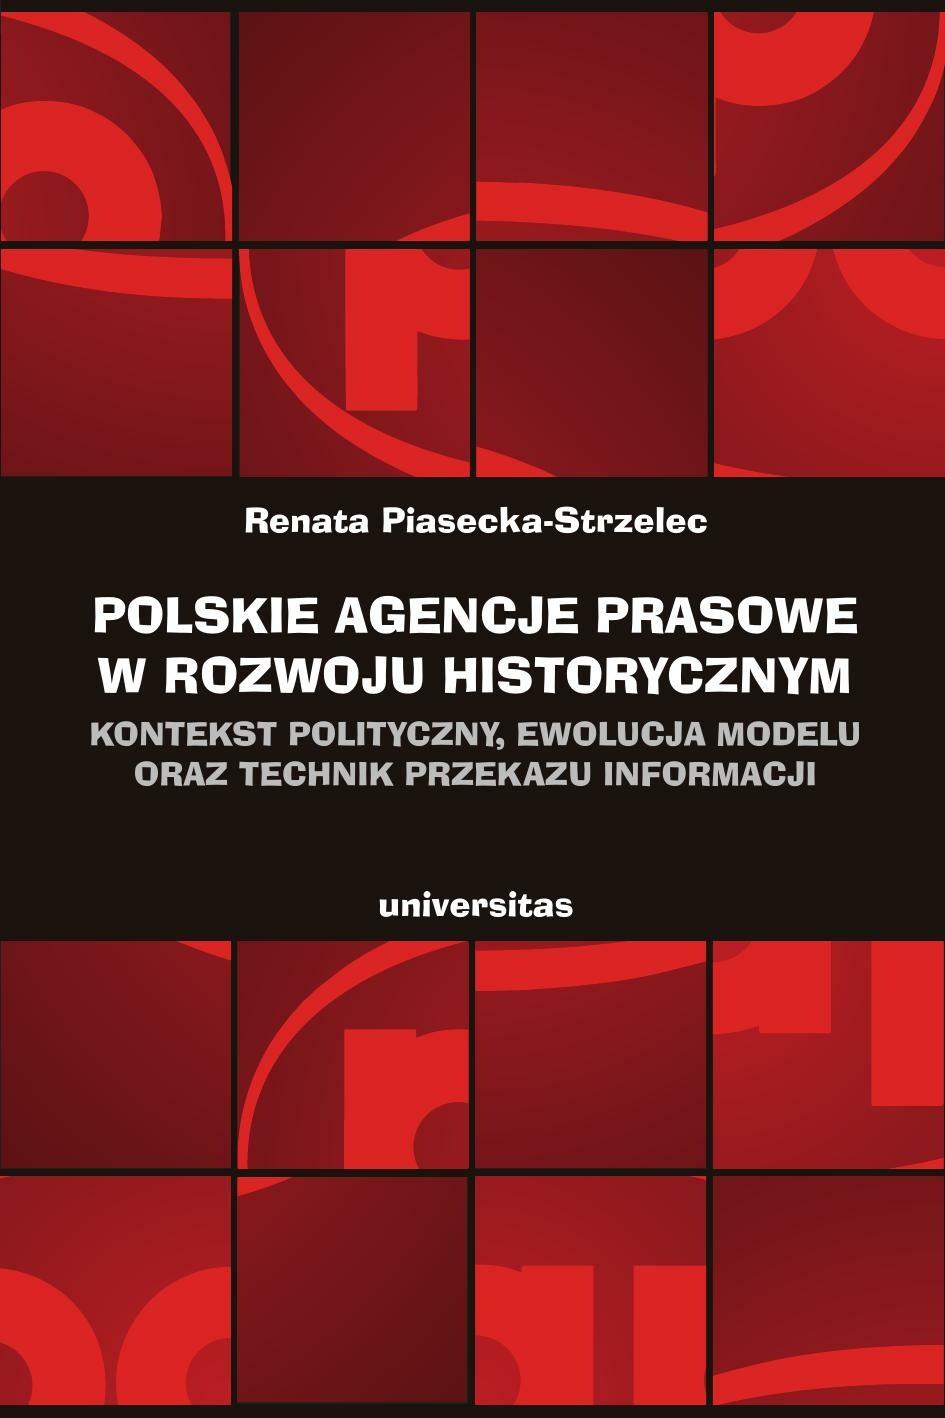 Polskie agencje prasowe w rozwoju historycznym. Kontekst polityczny, ewolucja modelu oraz technik przekazu informacji